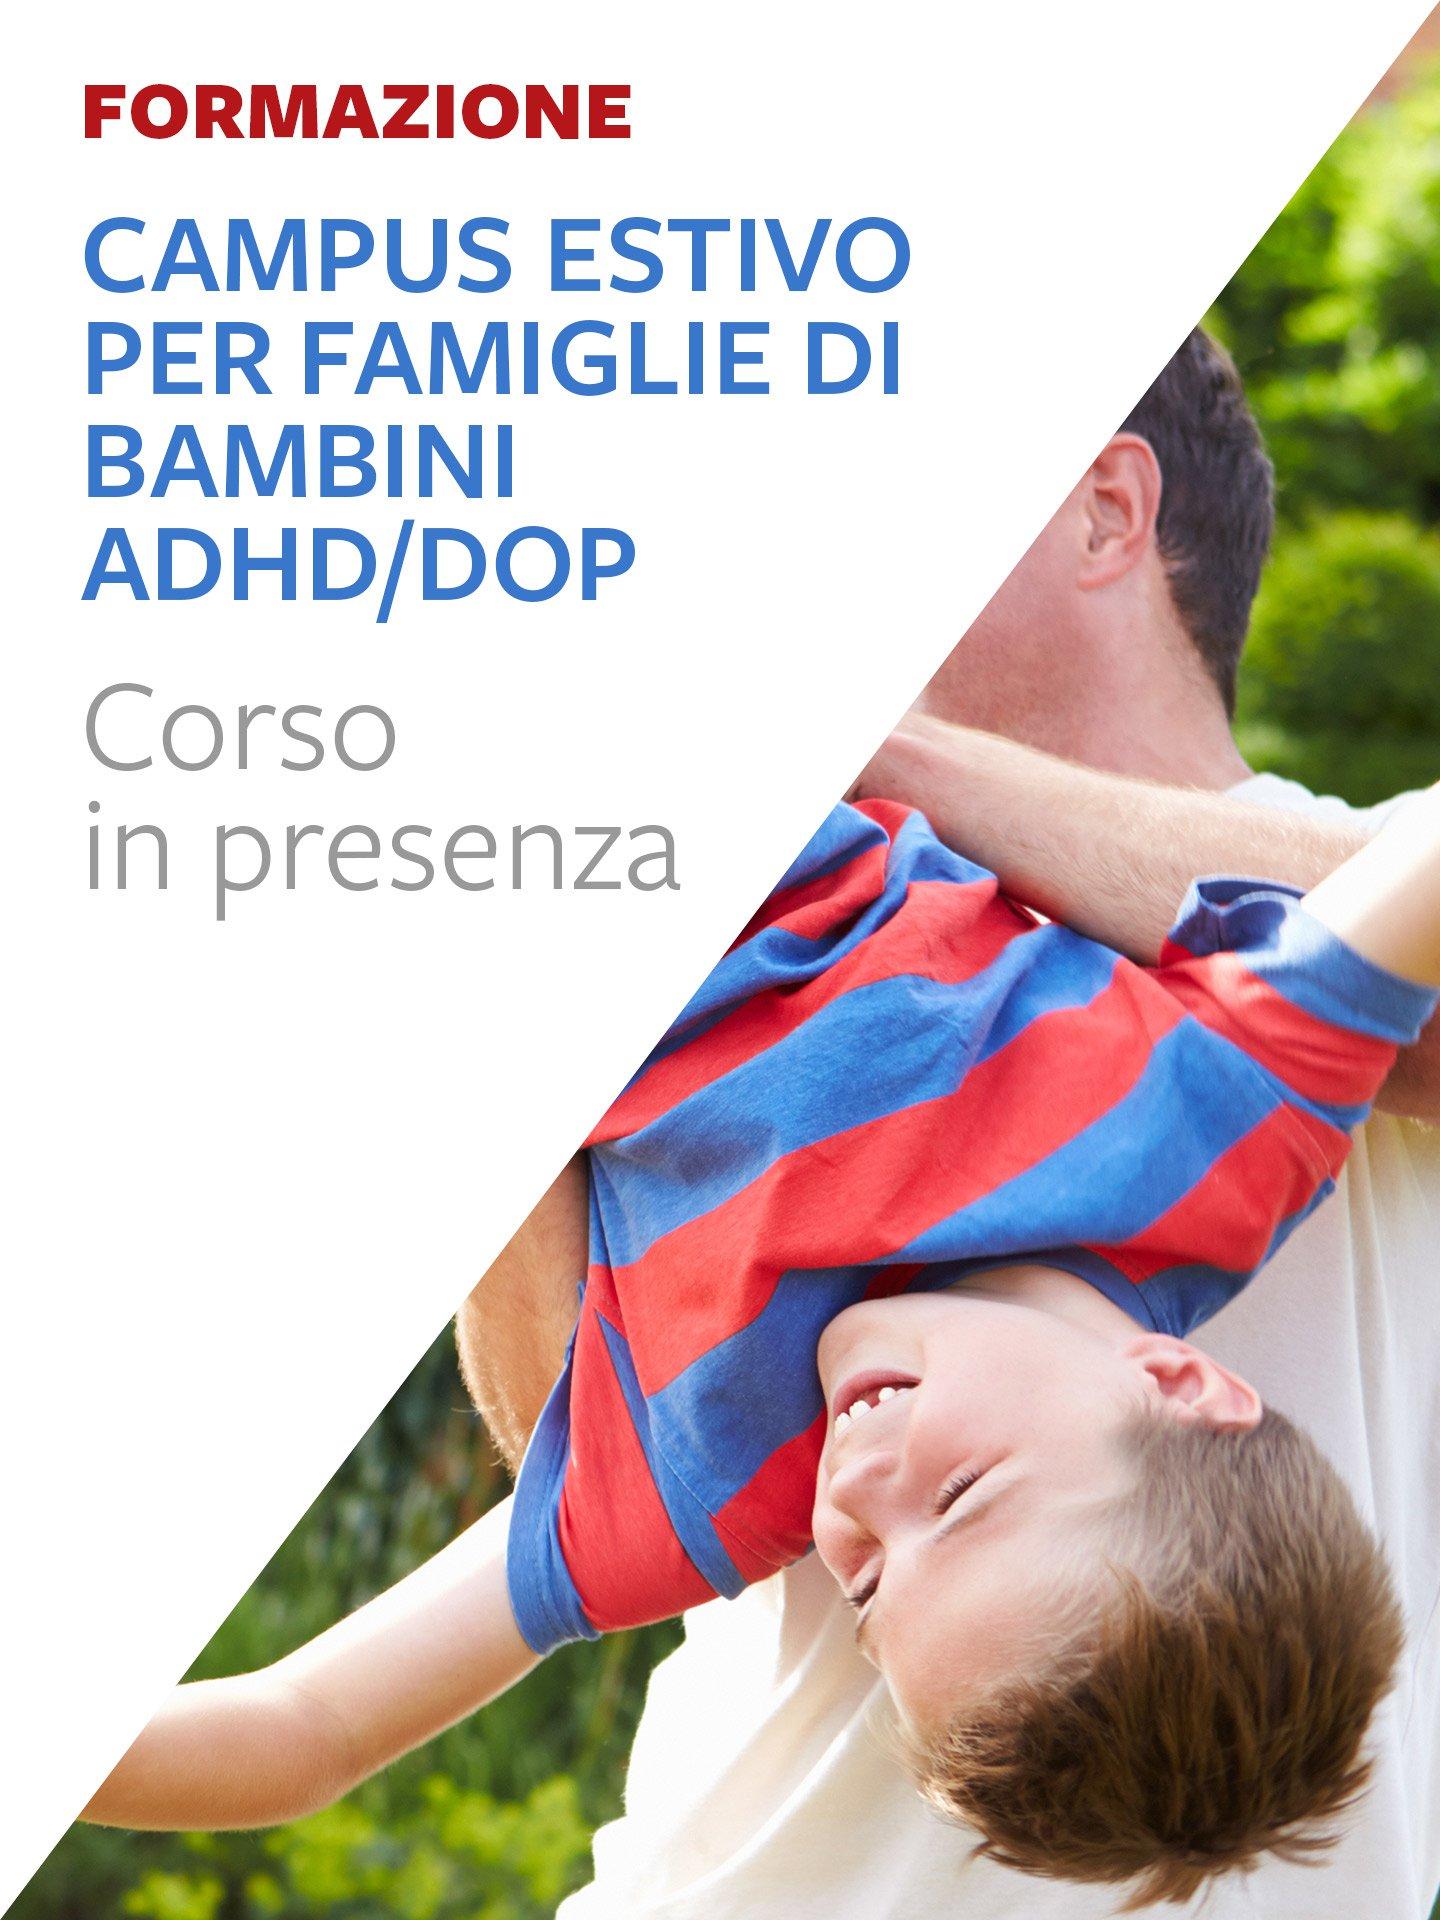 Campus estivo per famiglie di bambini ADHD/DOP - La paura delle malattie - Libri - Erickson